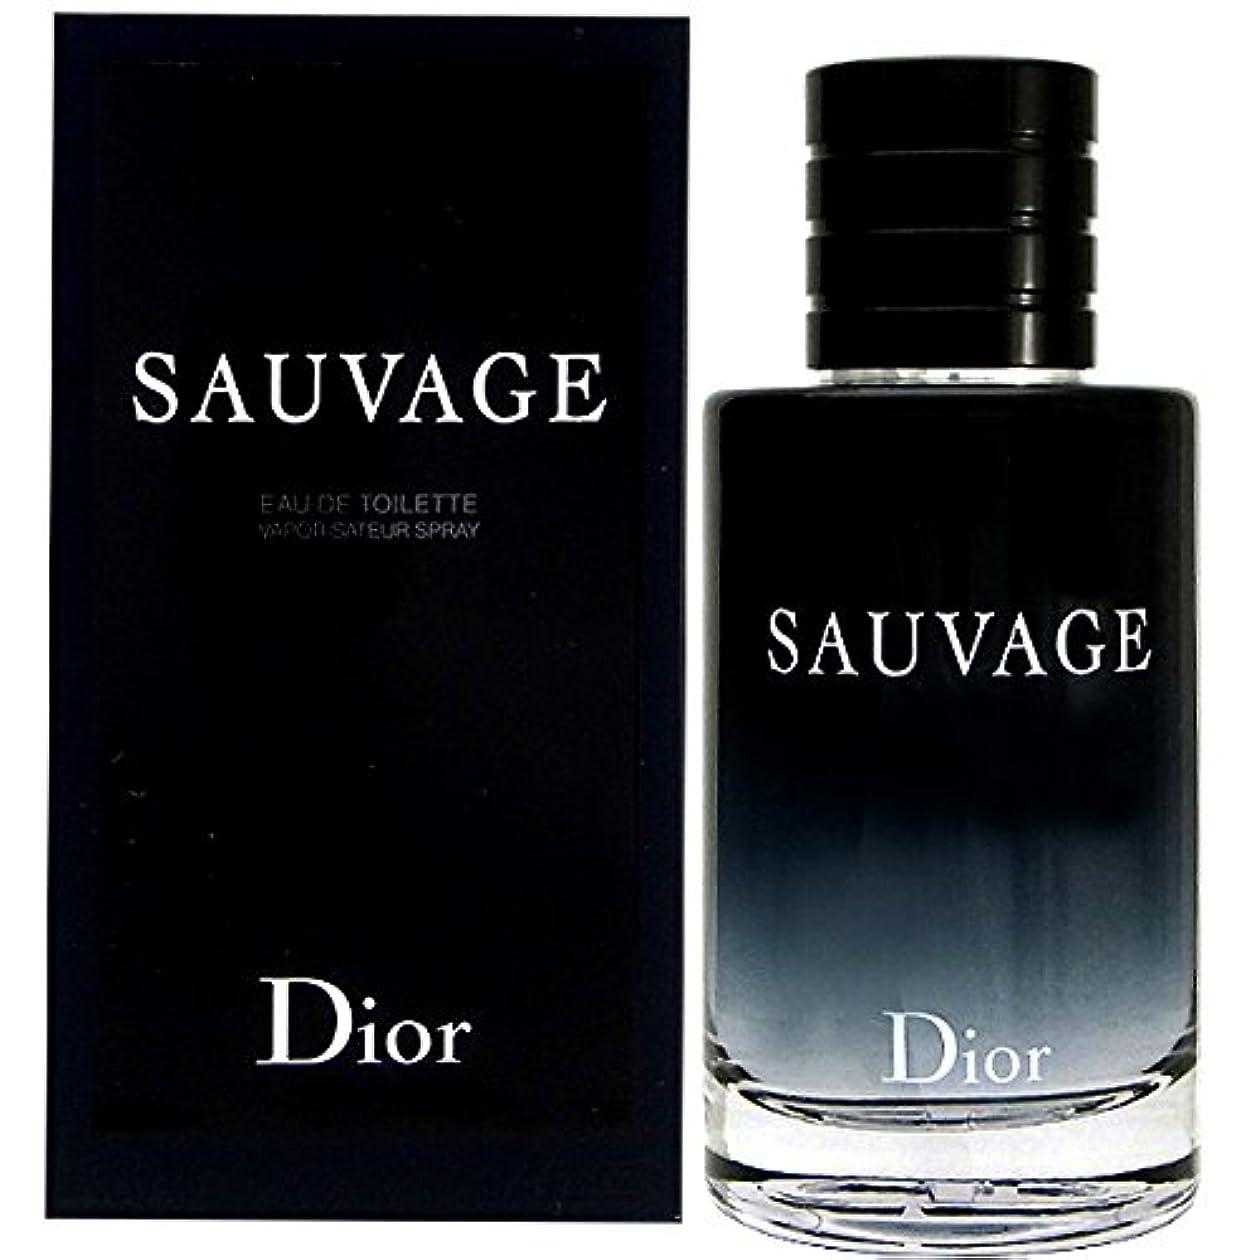 リブ非アクティブ反乱クリスチャンディオール Christian Dior ソヴァージュ 100ml EDT オードトワレ メンズ(香水) [並行輸入品]